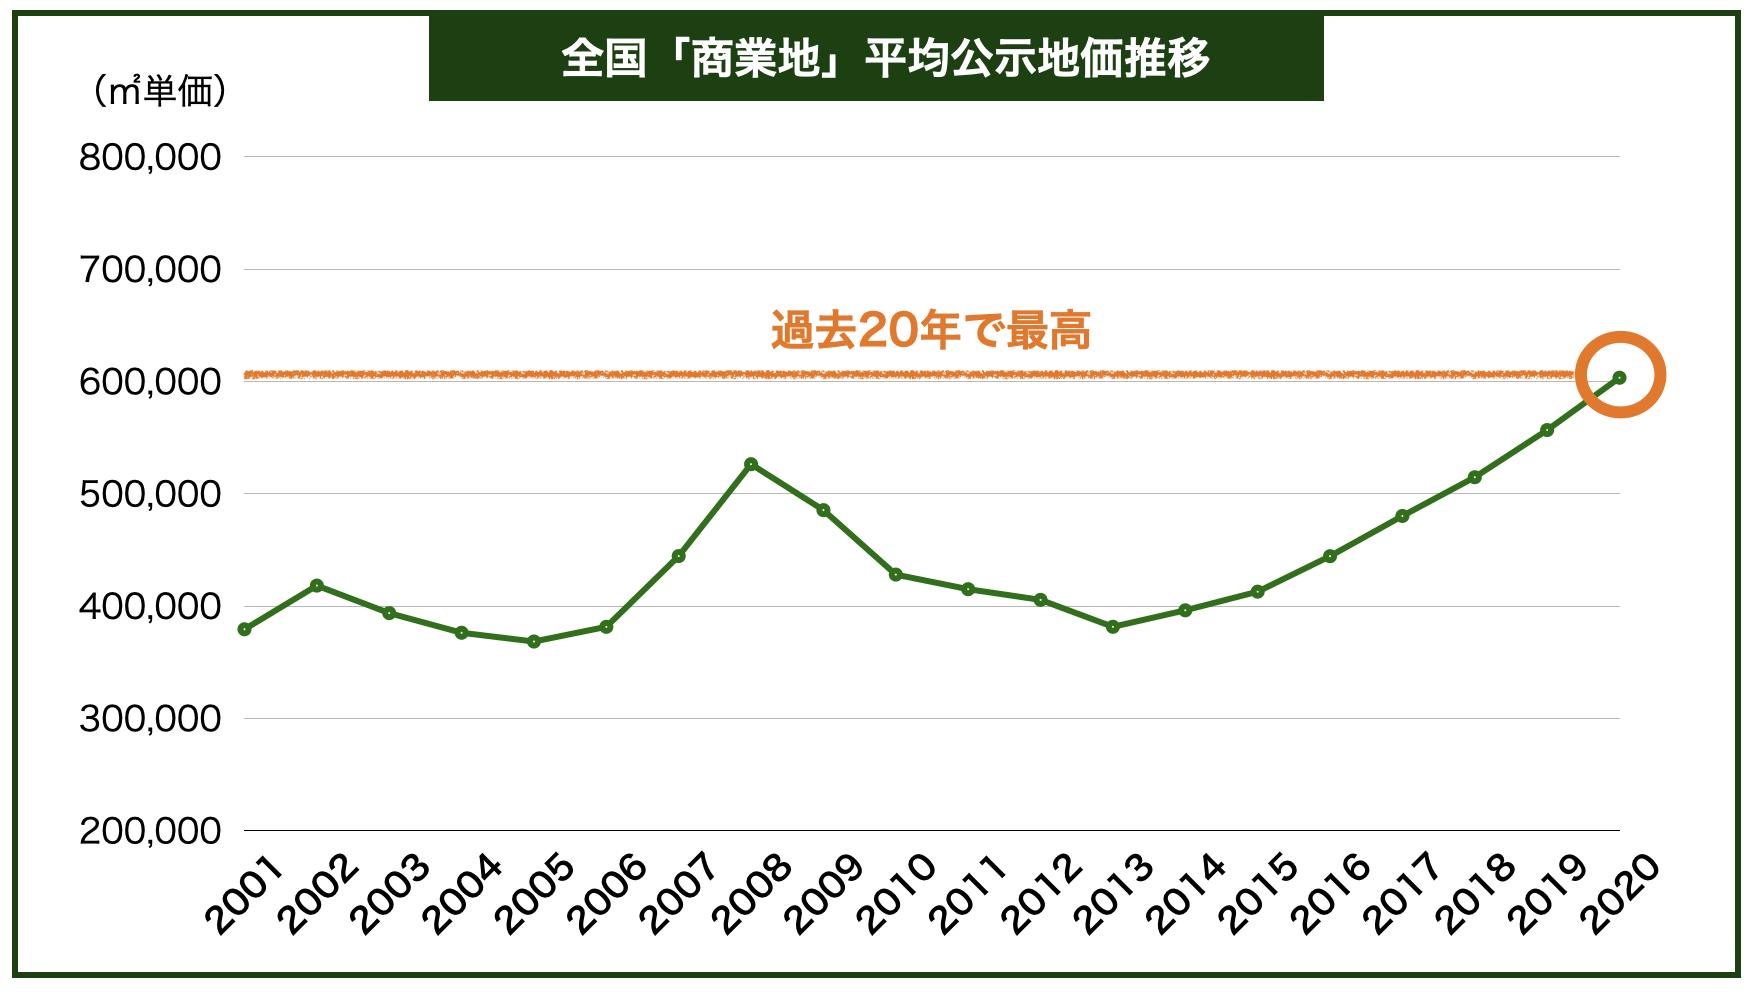 商業地価推移